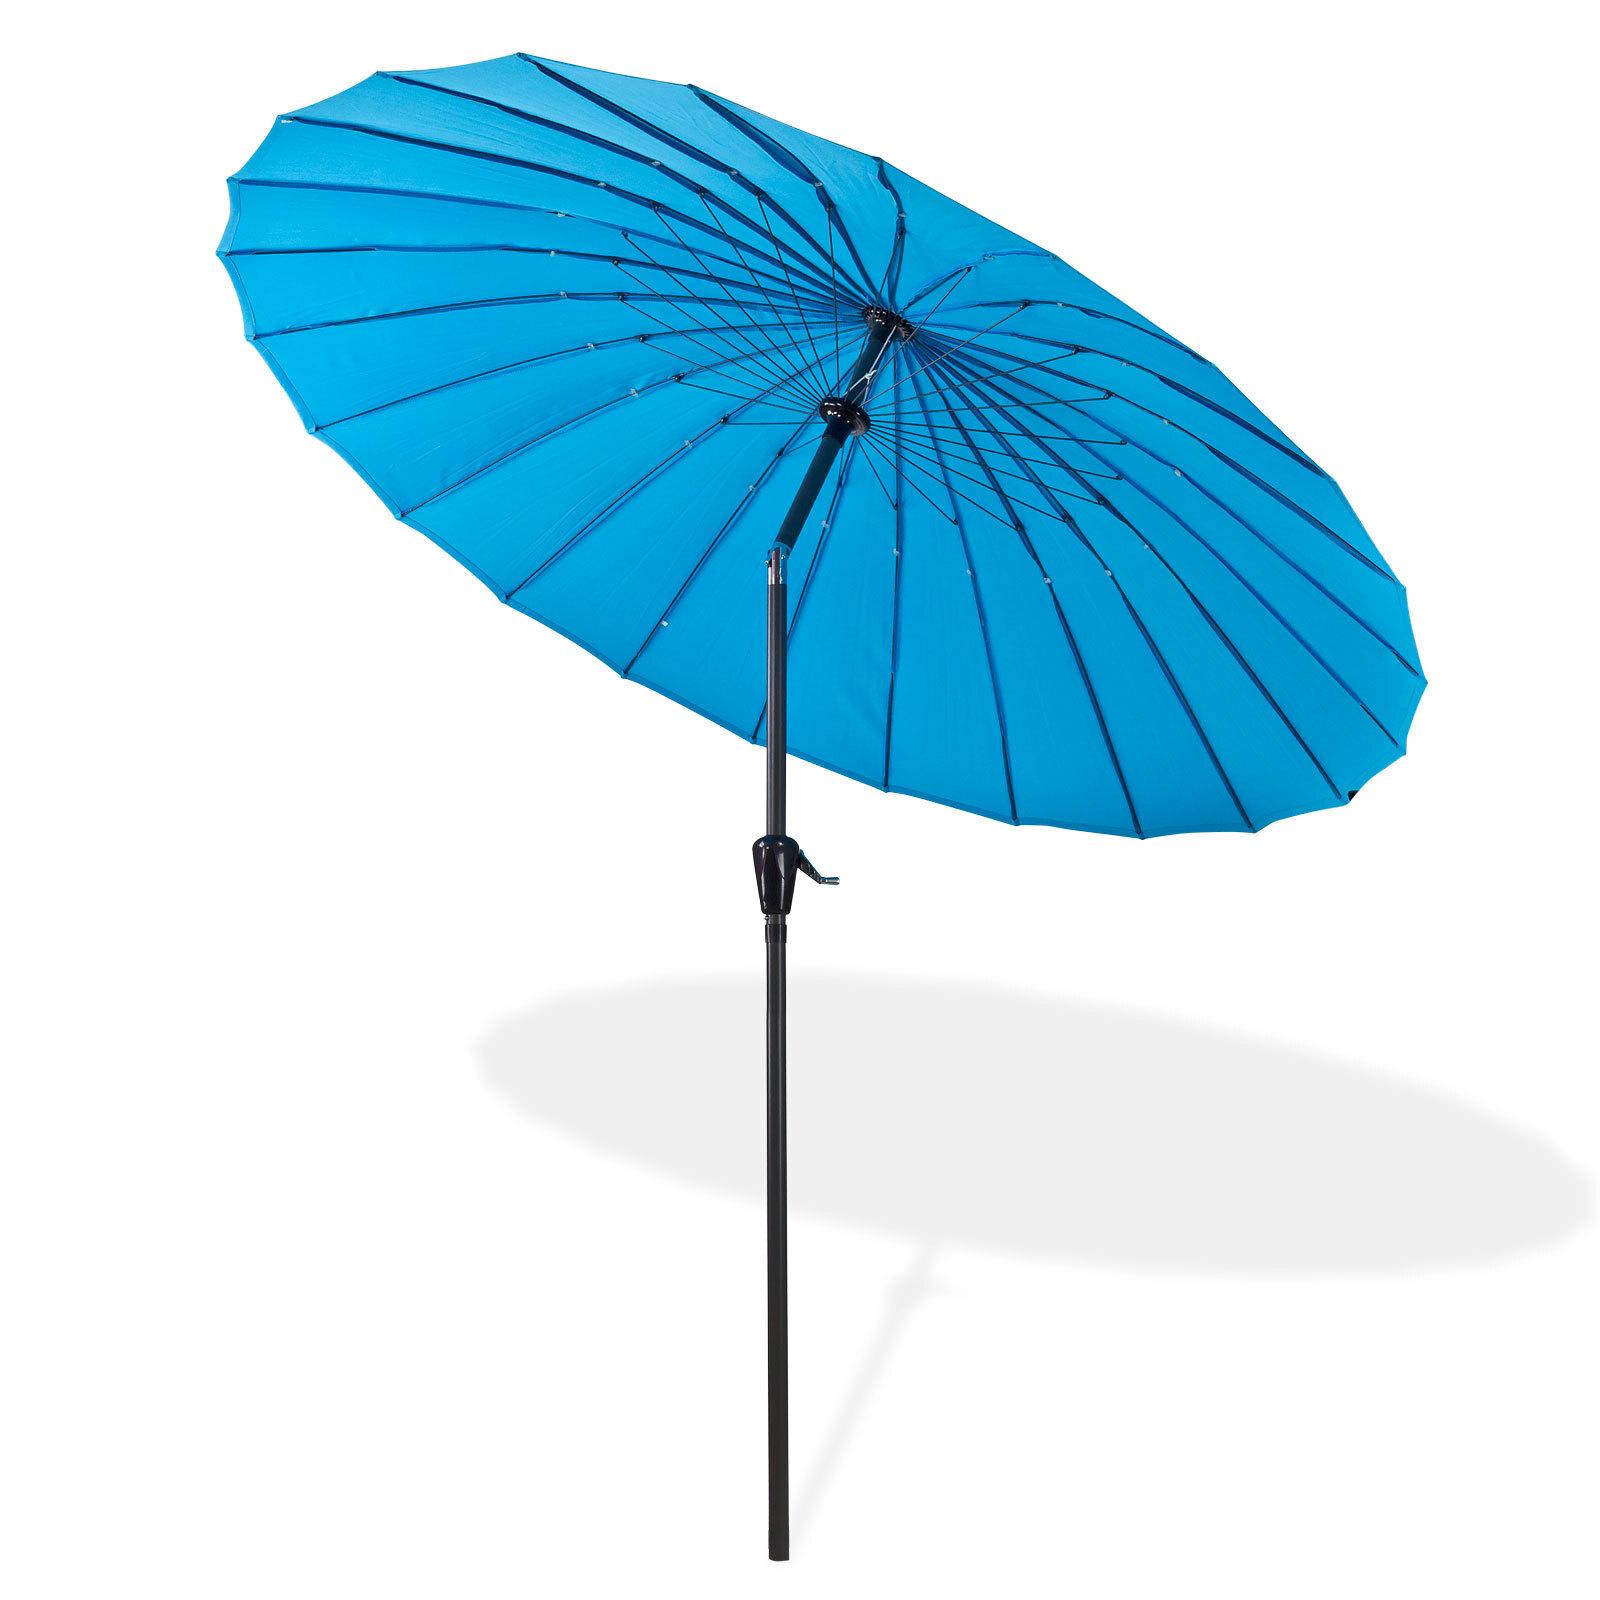 sonnenschirm gartenschirm sonnenschutz schirm rund 2 5m azurblau blau 4031765412797 ebay. Black Bedroom Furniture Sets. Home Design Ideas